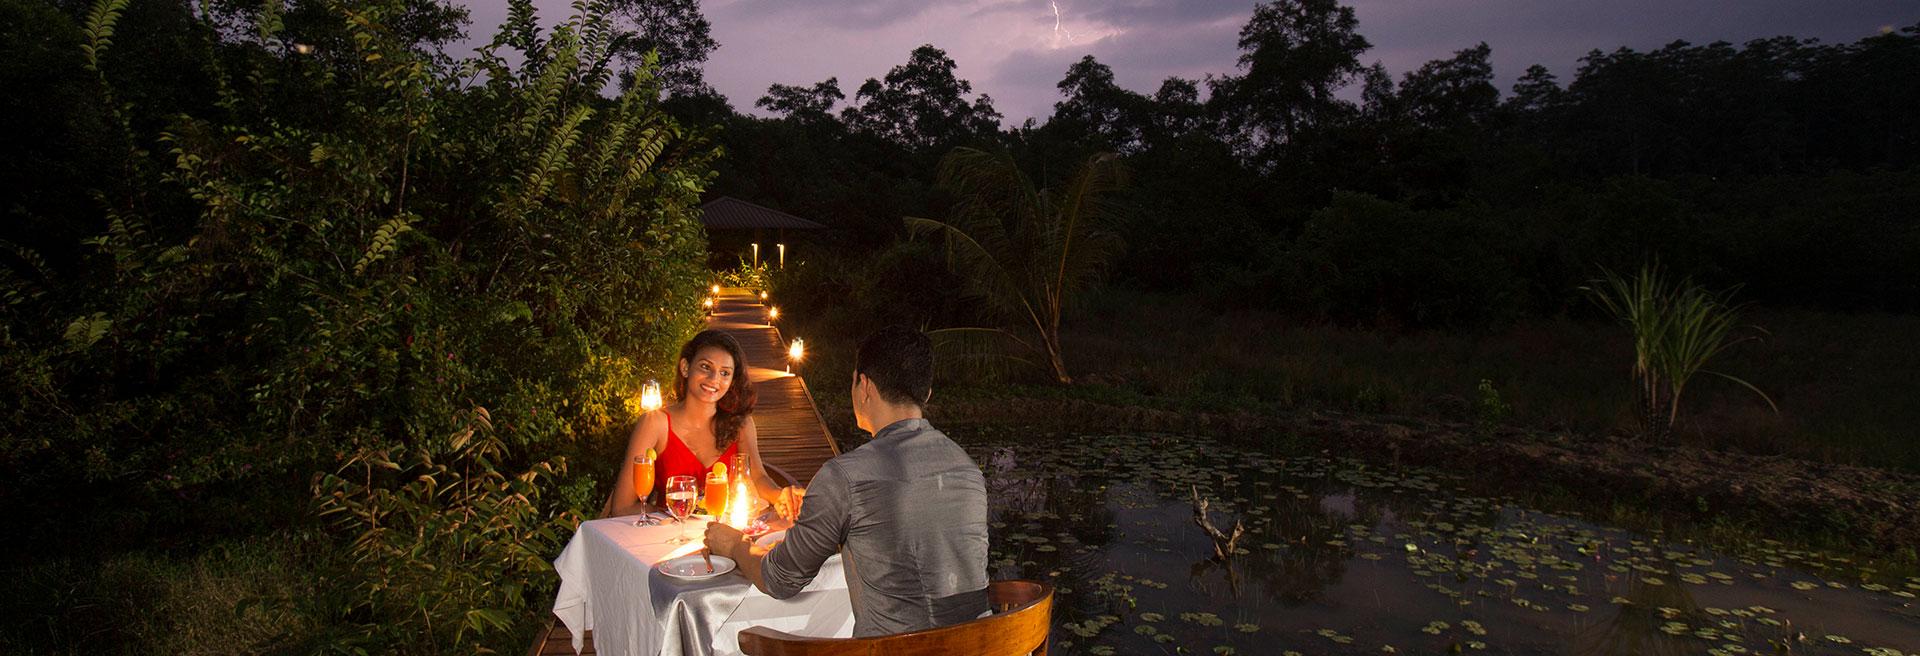 romantic dinner outside